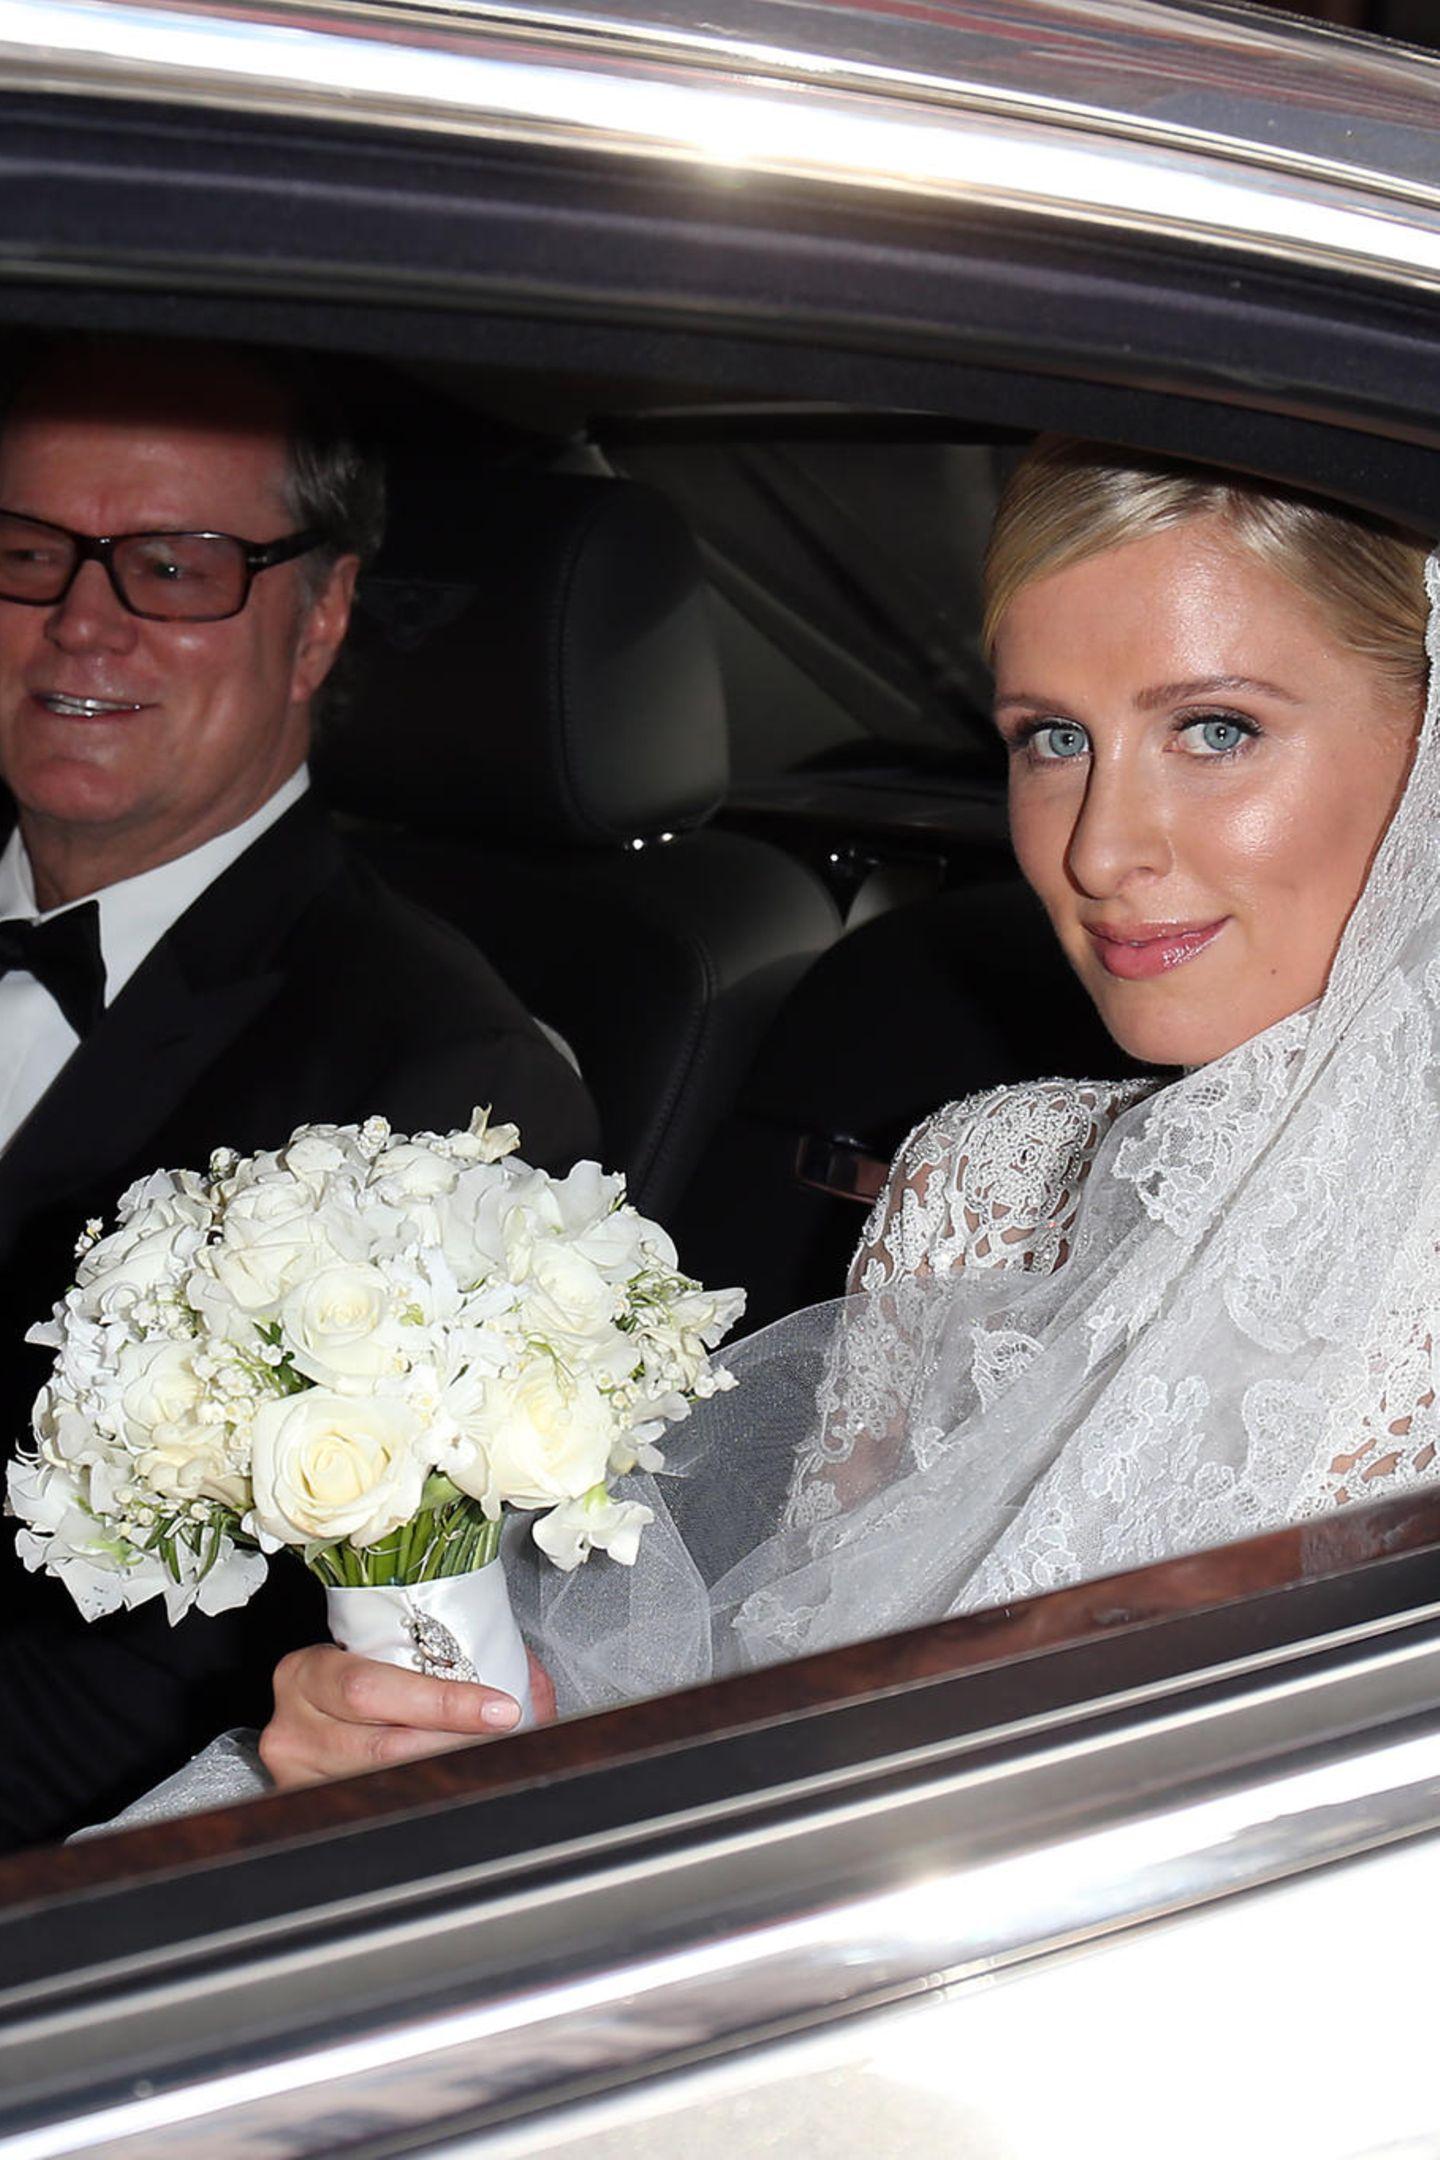 Wenn an Nicky Hilton eines auffällt, dann ist es der frische Glow. Ihre Haut strahlt an ihrem Hochzeitstag. Es scheint, als hätte ihr Make-up-Artist hier in erster Linie zu Cremeprodukten gegriffen.